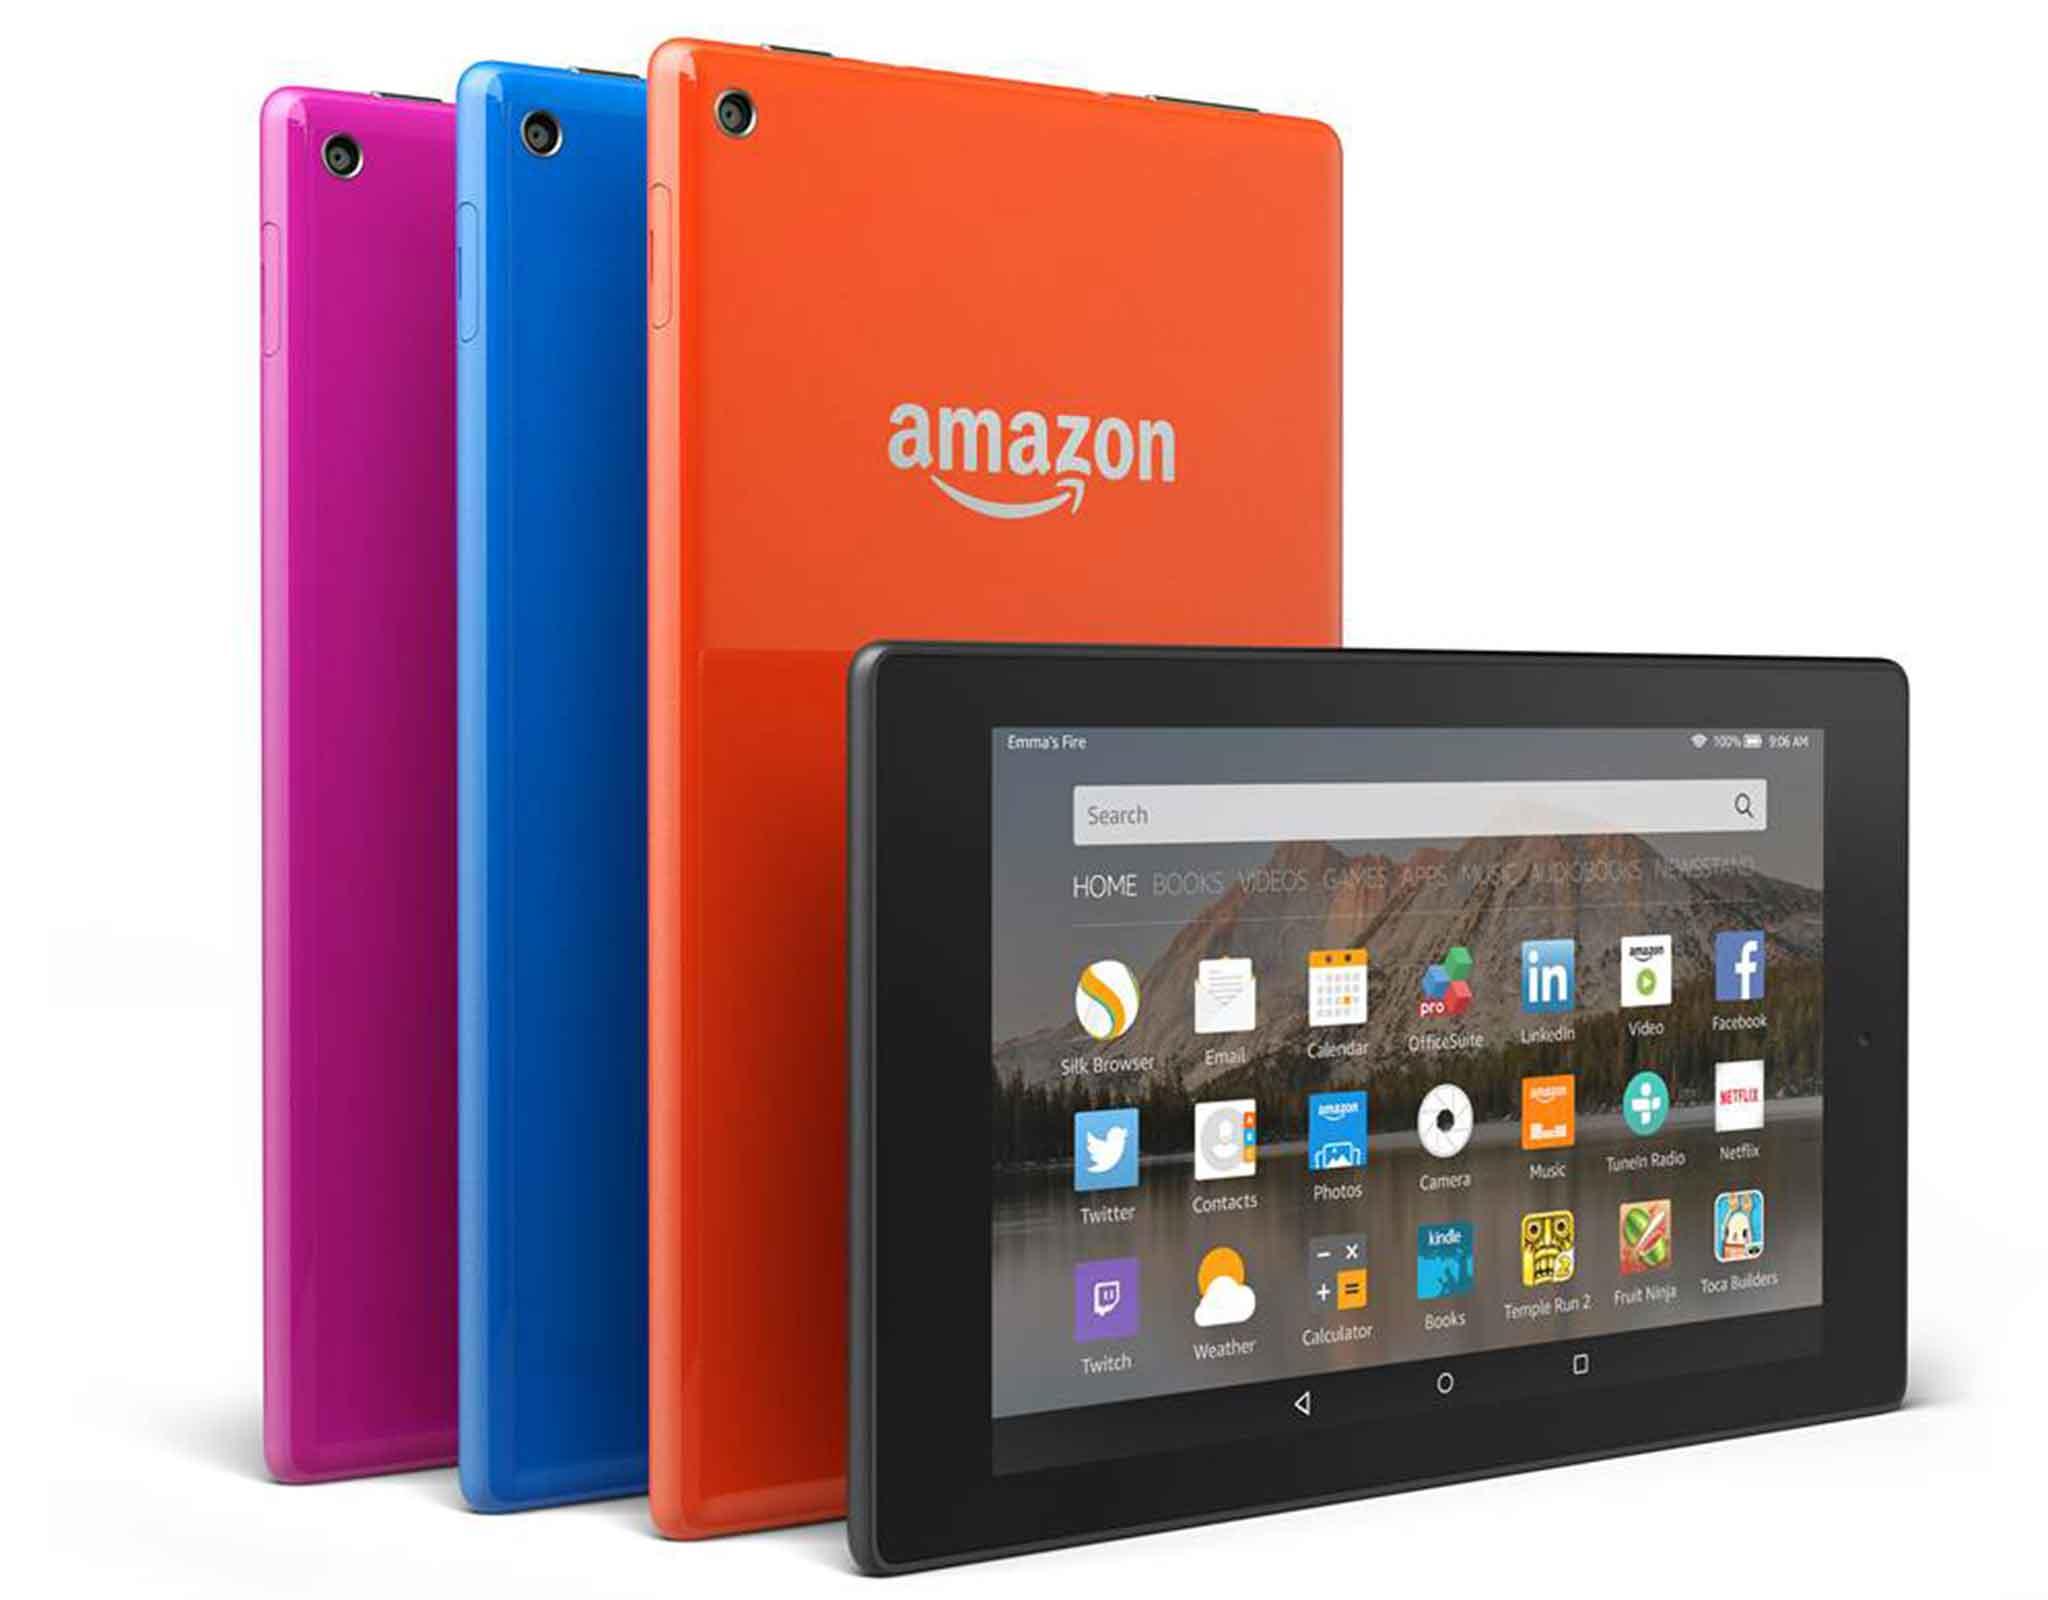 Ipod Shuffle Case Amazon Amazon Fire